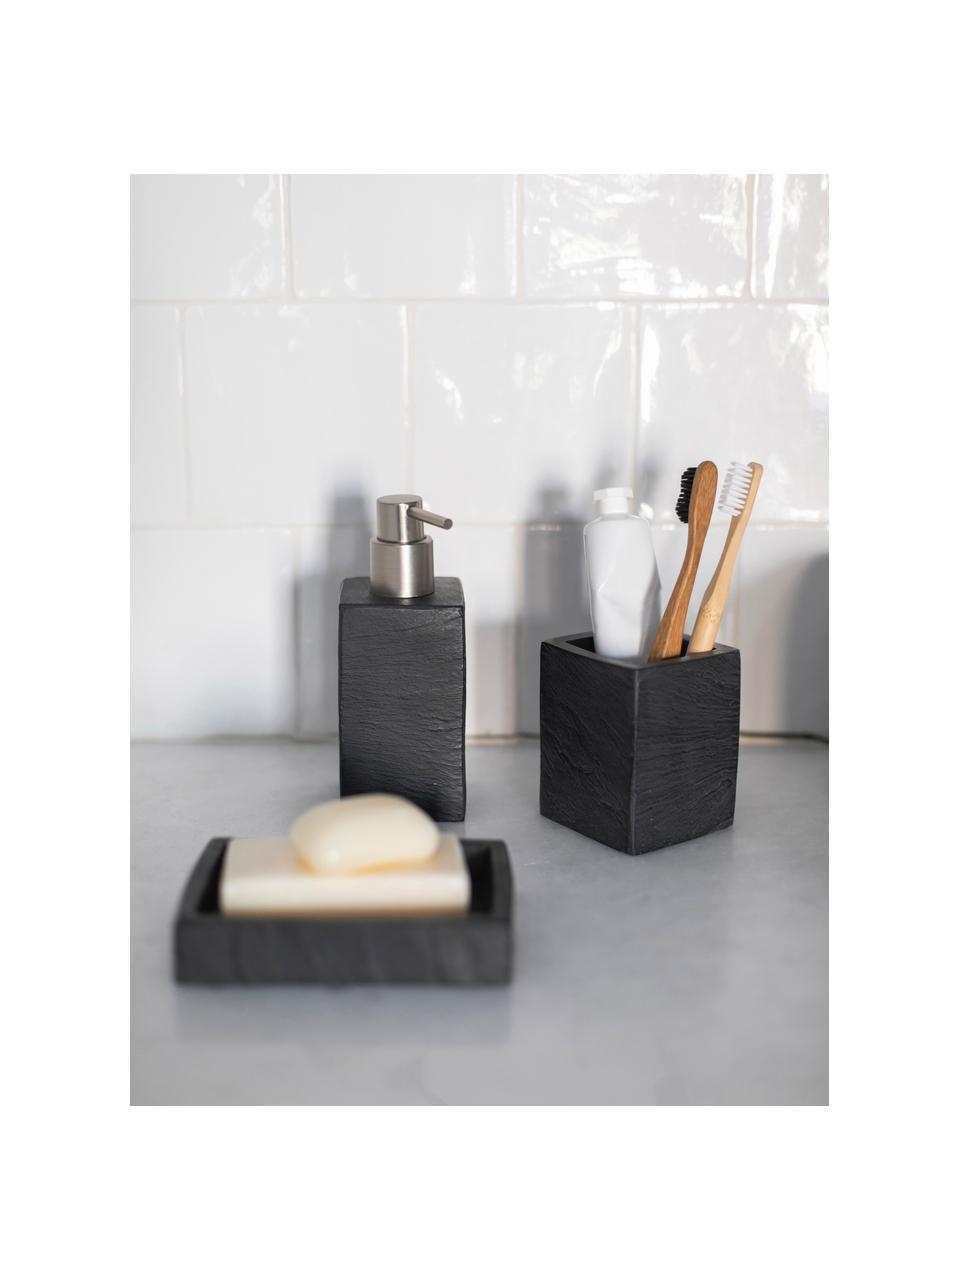 Kubek na szczoteczki Slate, Poliresing, Czarny, S 8 x W 10 cm